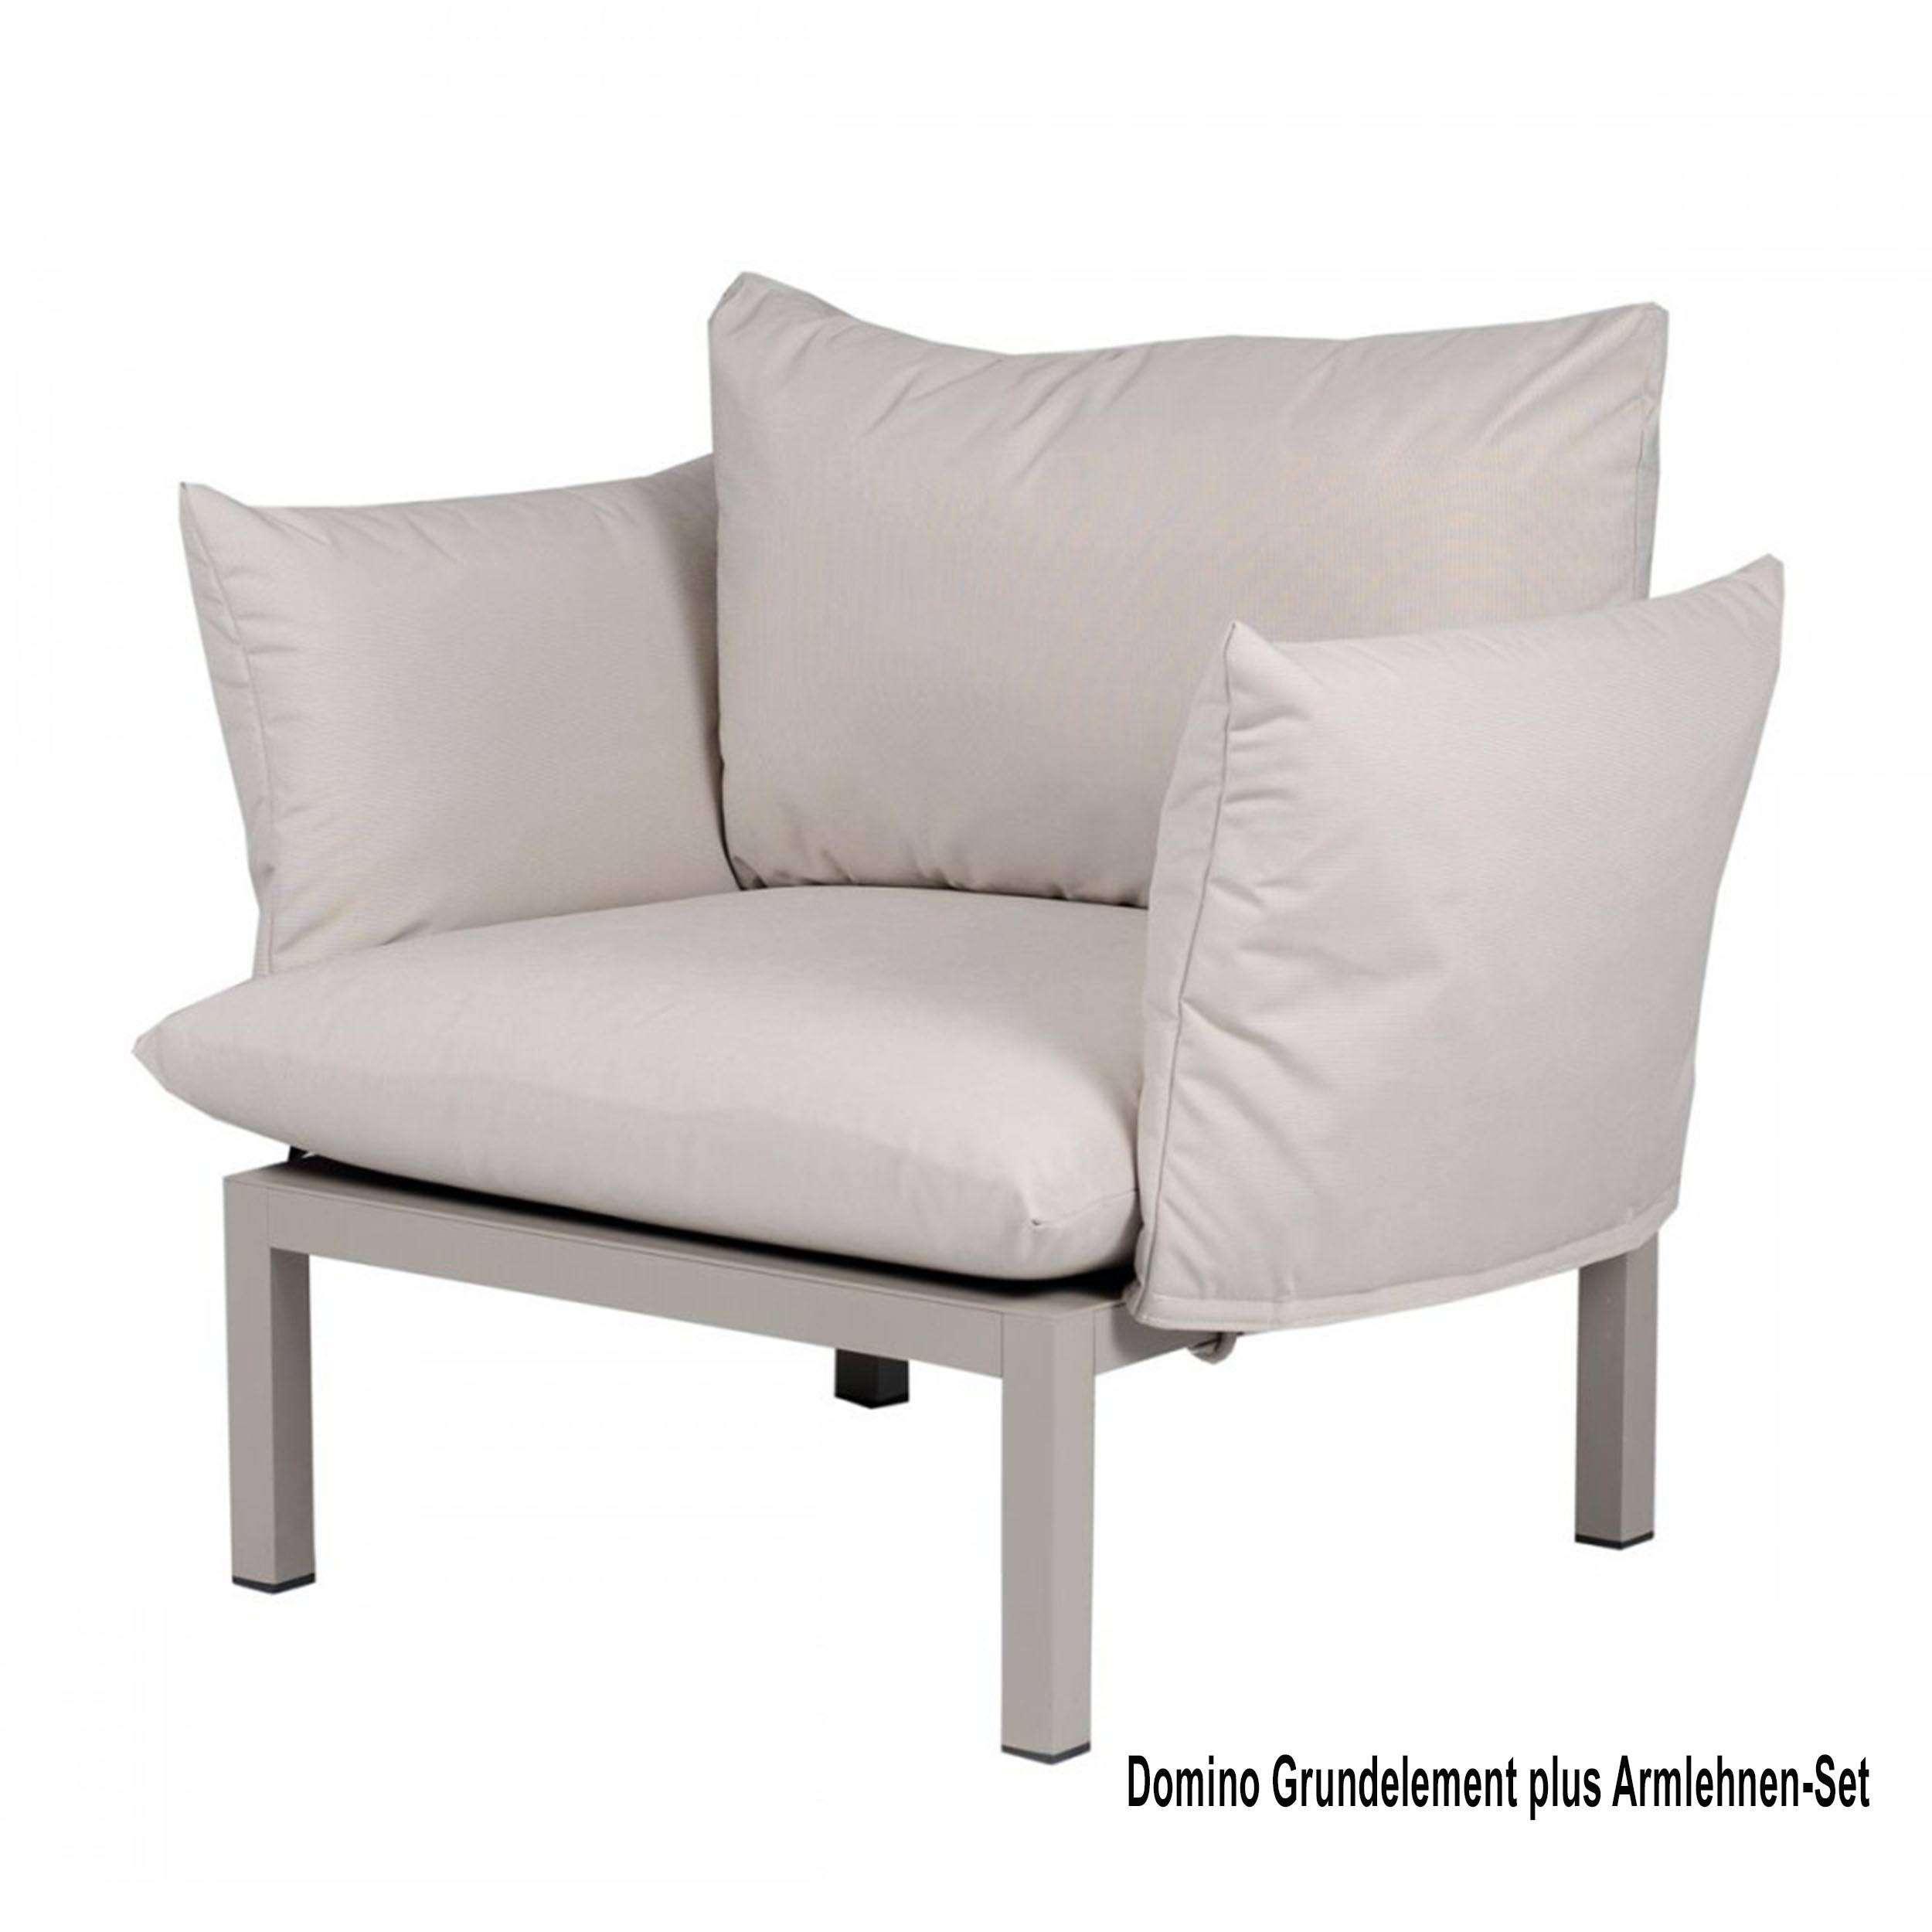 Full Size of Gartensofa Tchibo 2 In 1 Komfort 2er Lounge Sessel Set Preisvergleich Besten Angebote Online Wohnzimmer Gartensofa Tchibo